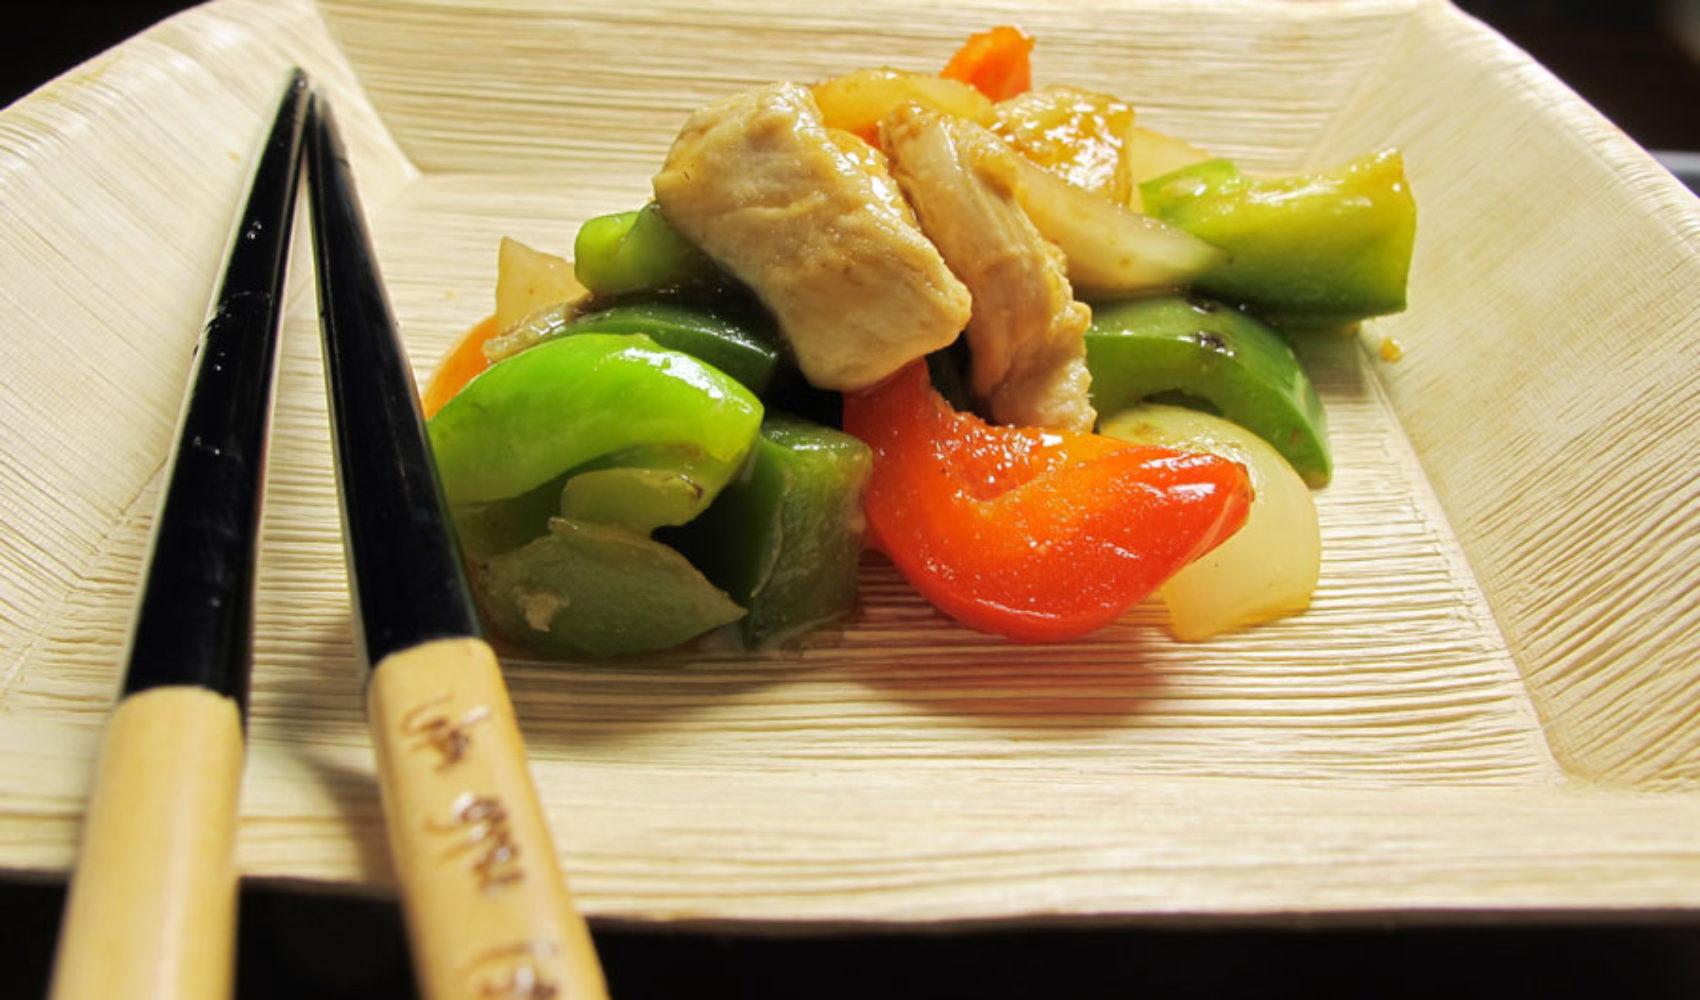 Huhn süß-sauer - EIN TOPF HEIMAT auf chinesisch